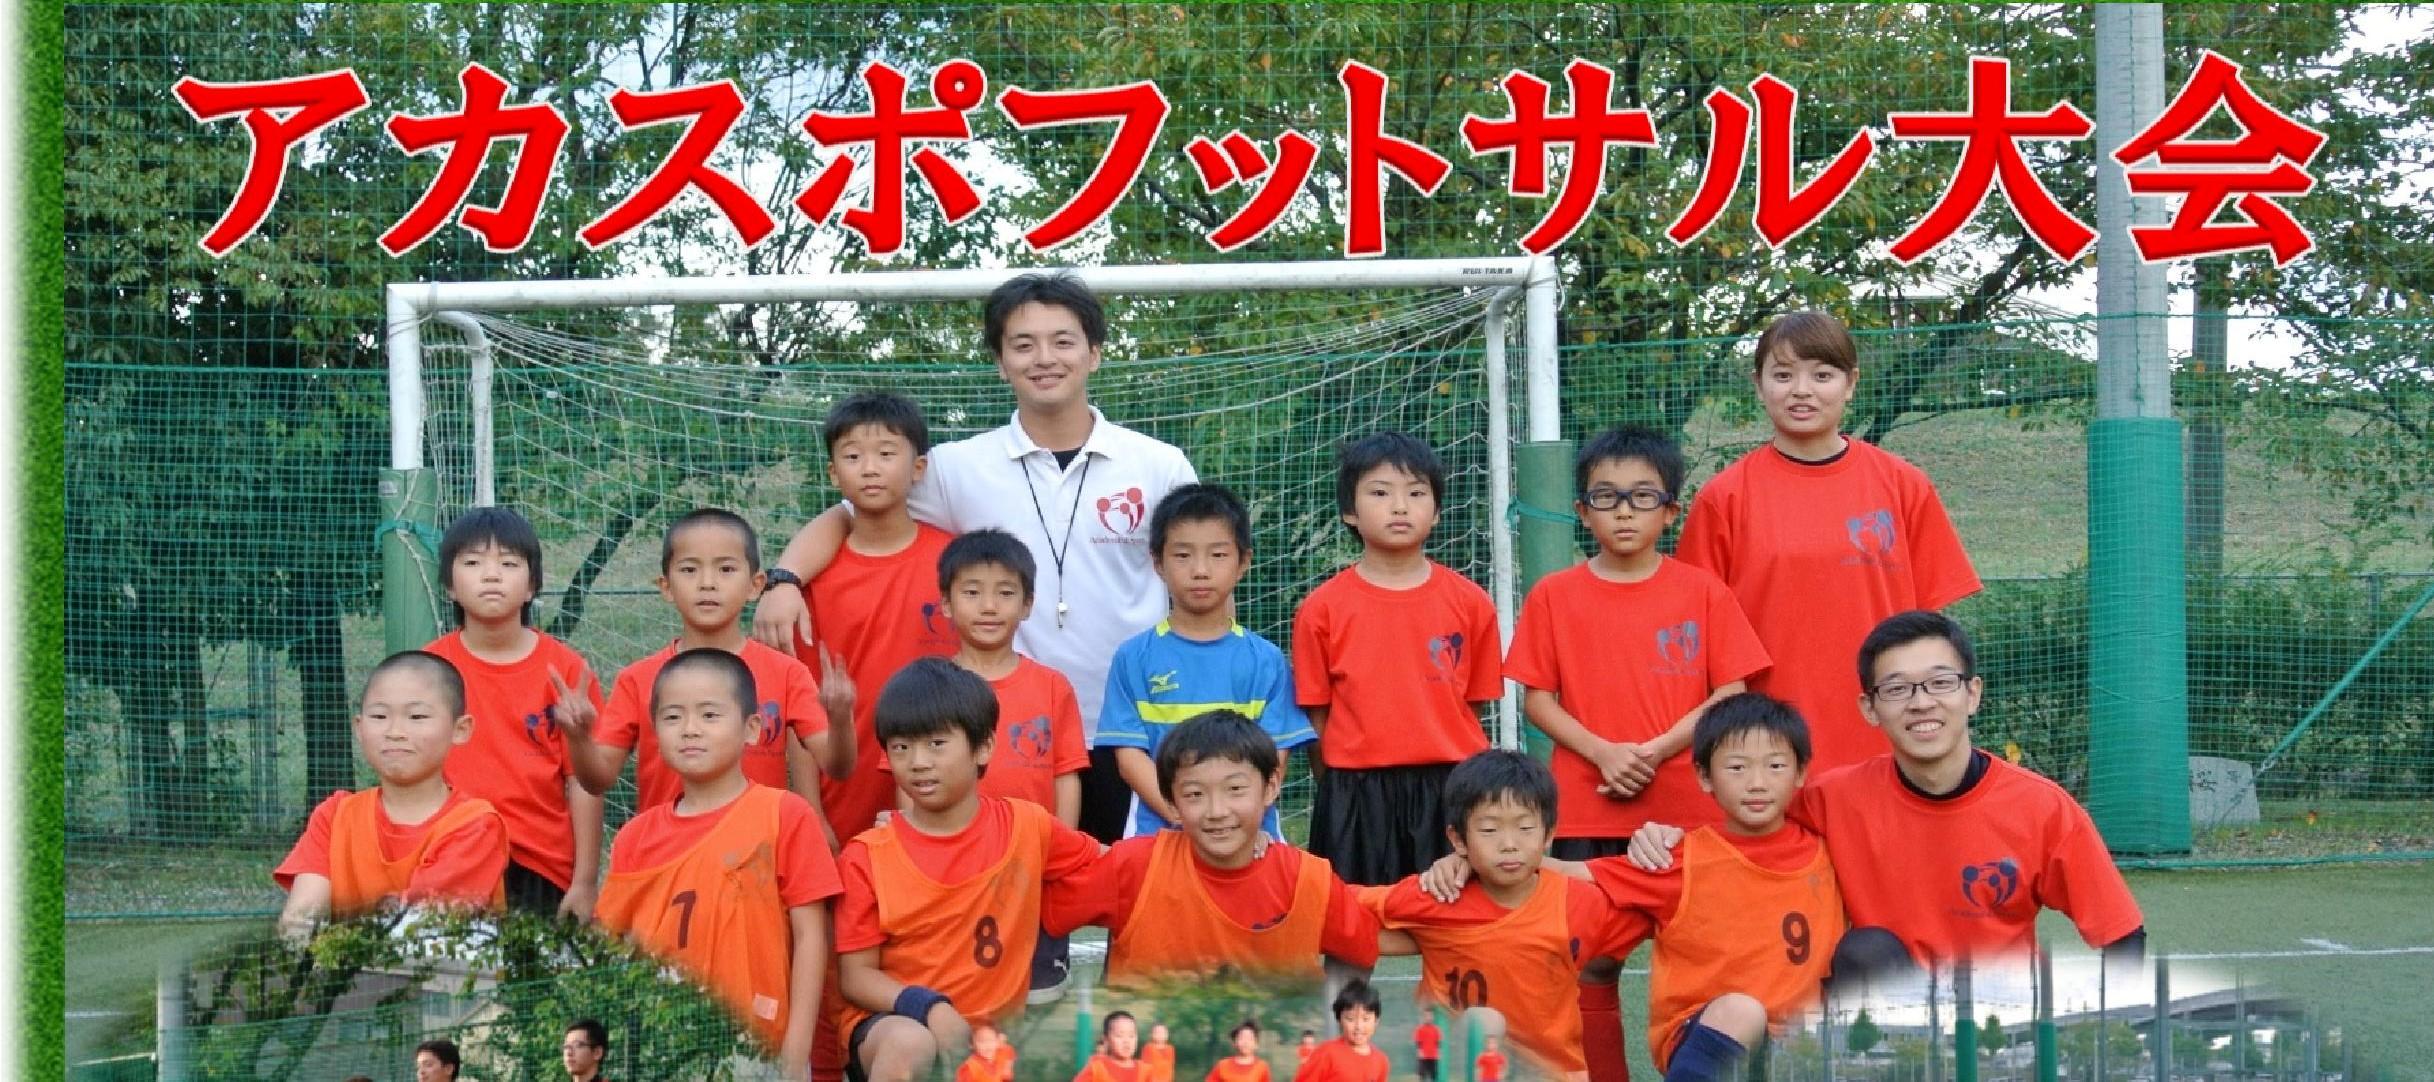 【サッカー】フットサル大会